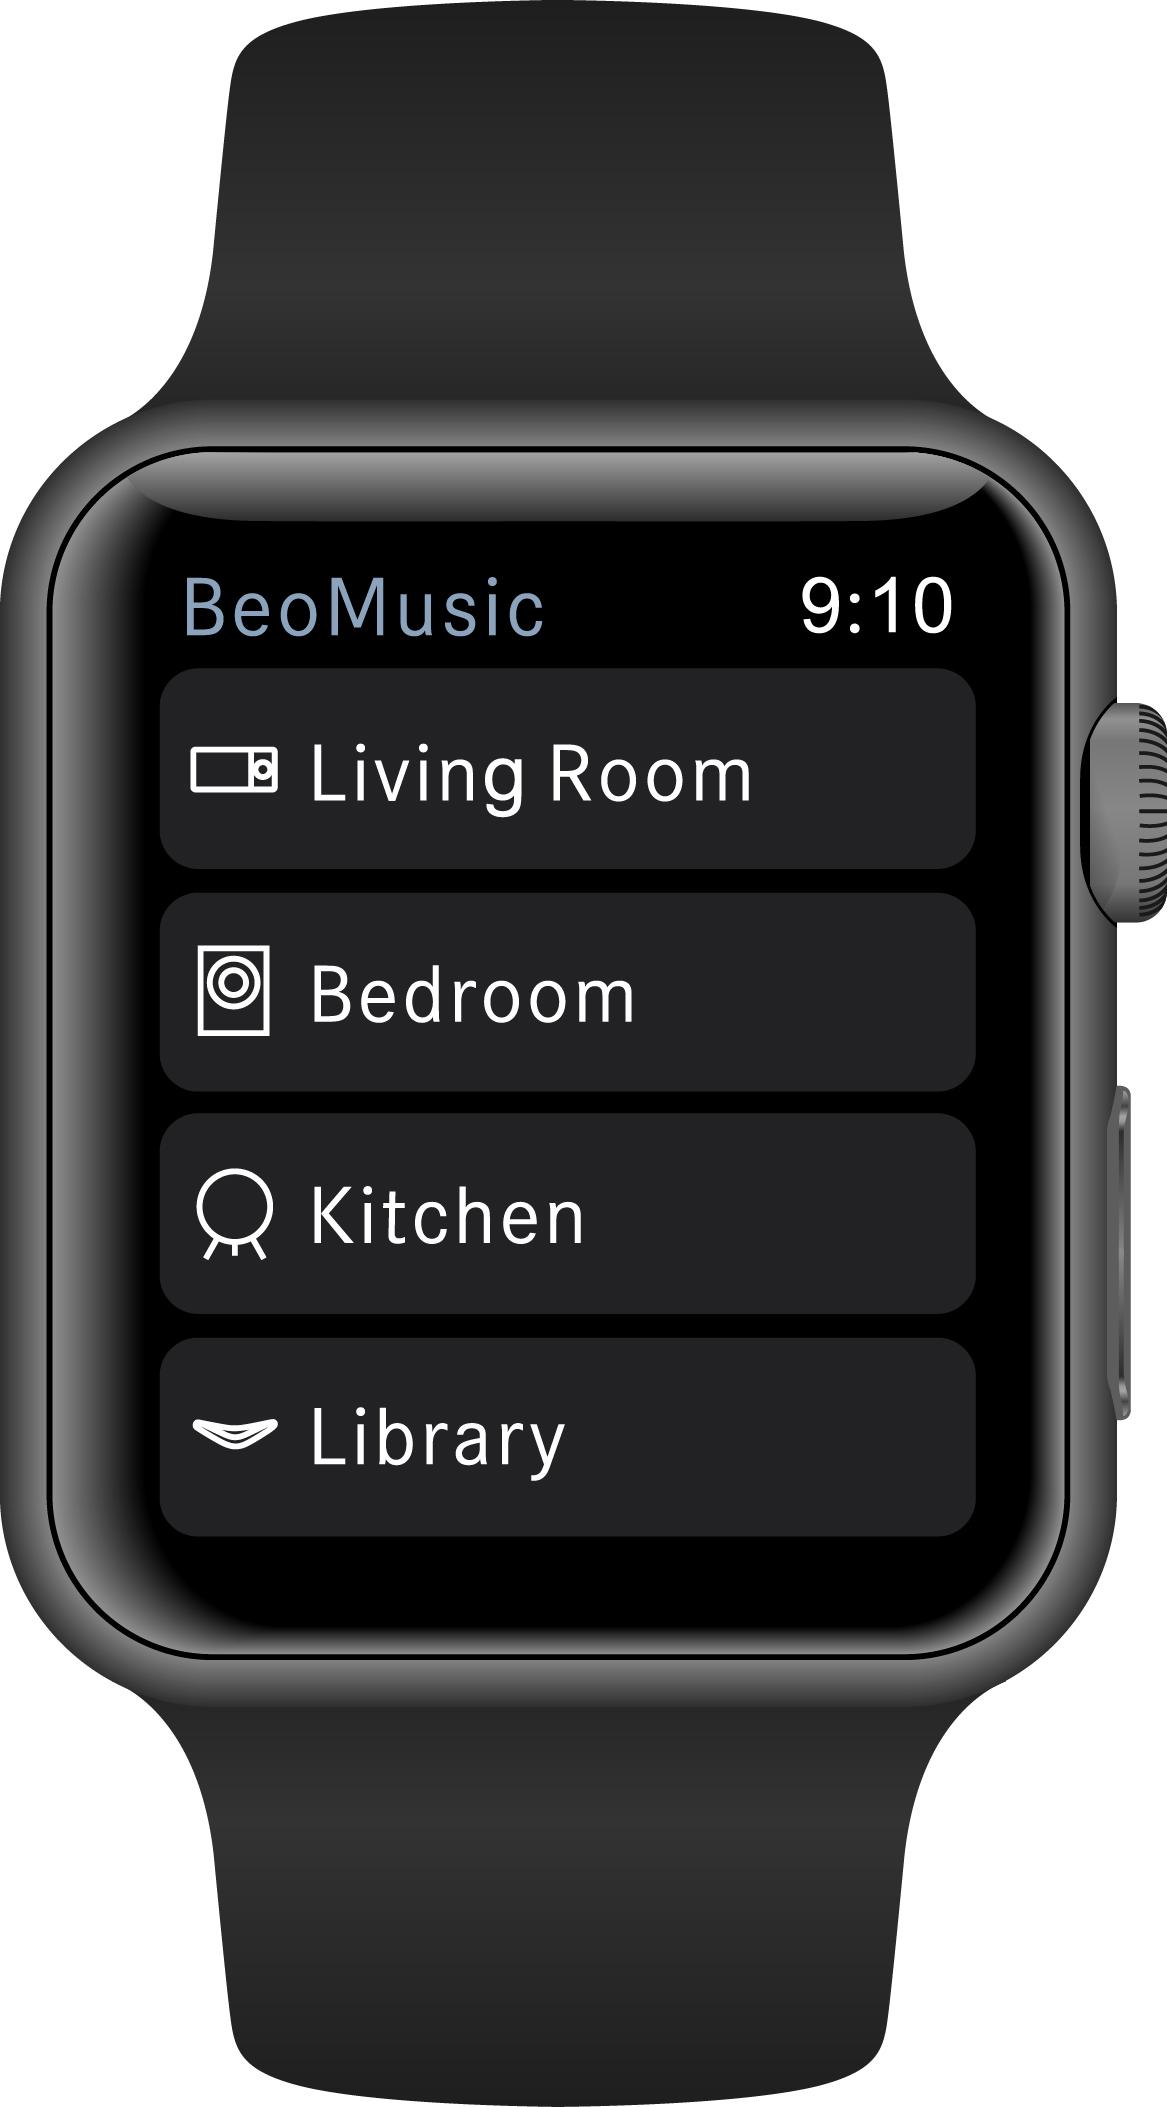 Bang & Olufsen BeoMusic App er klar til Apple Watch